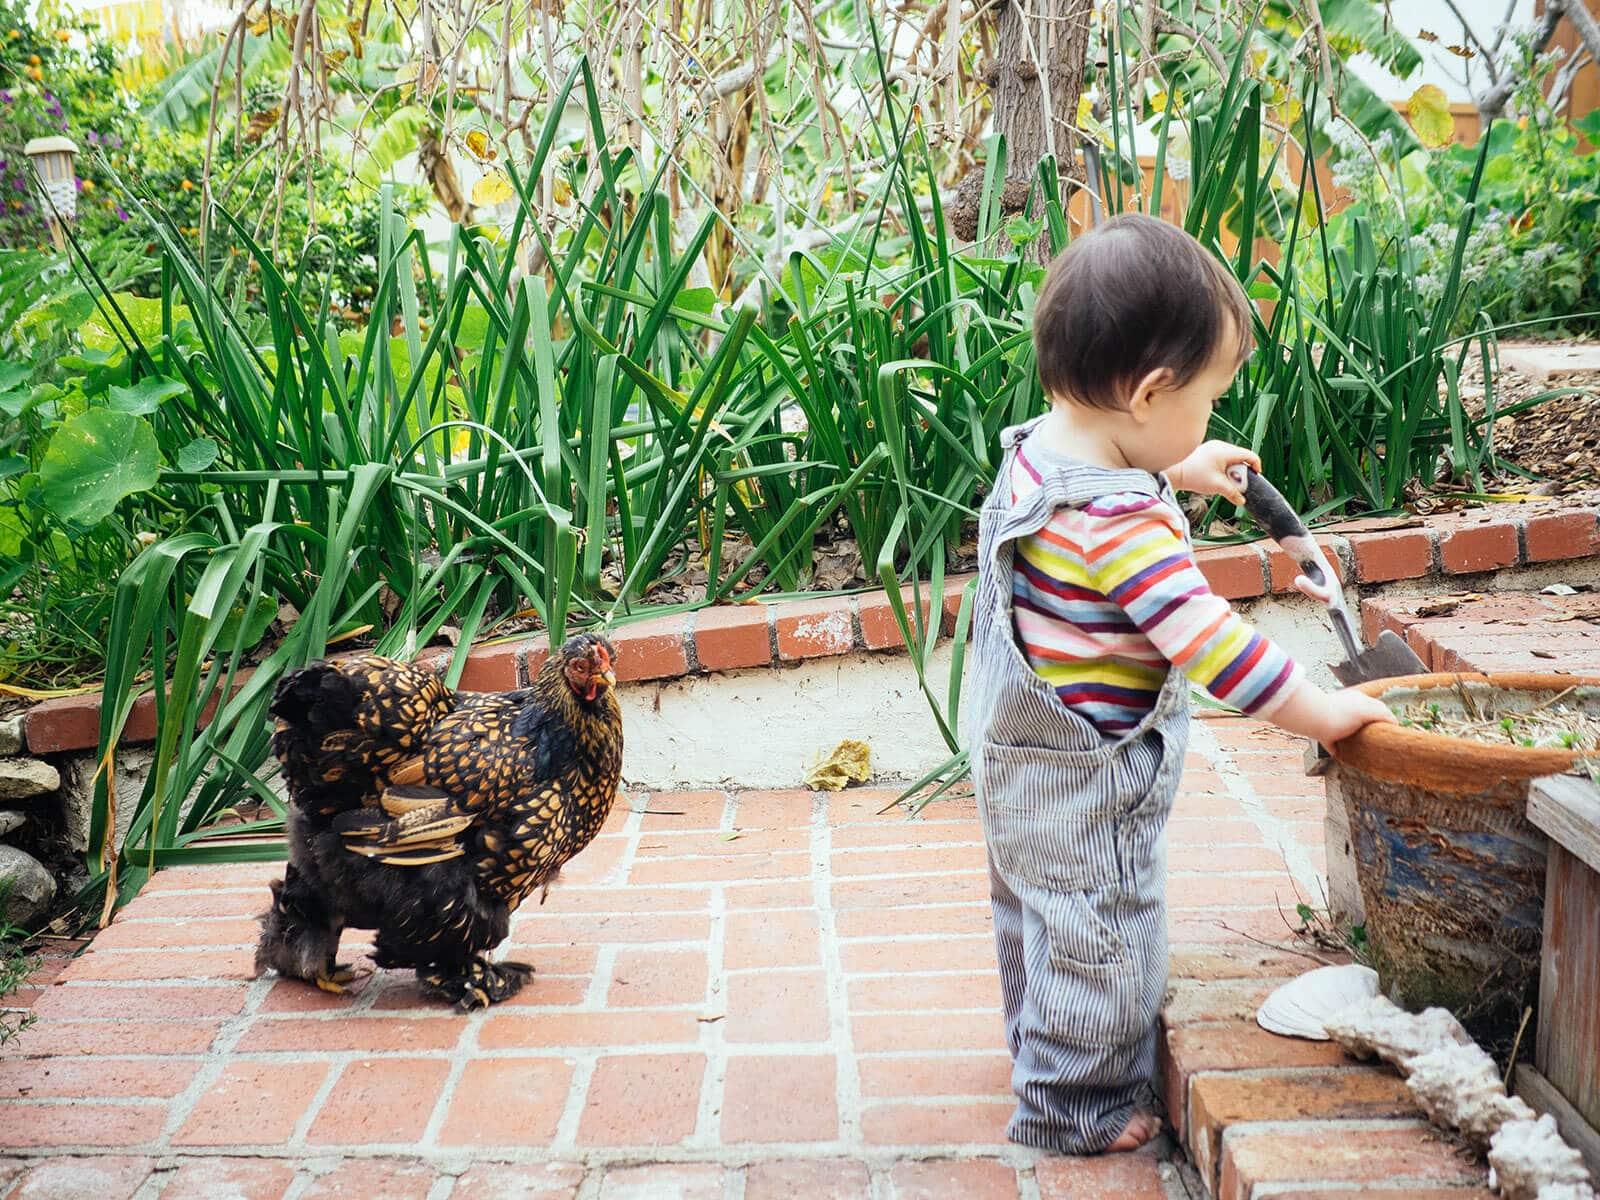 Cochin hen walking behind a toddler in the garden